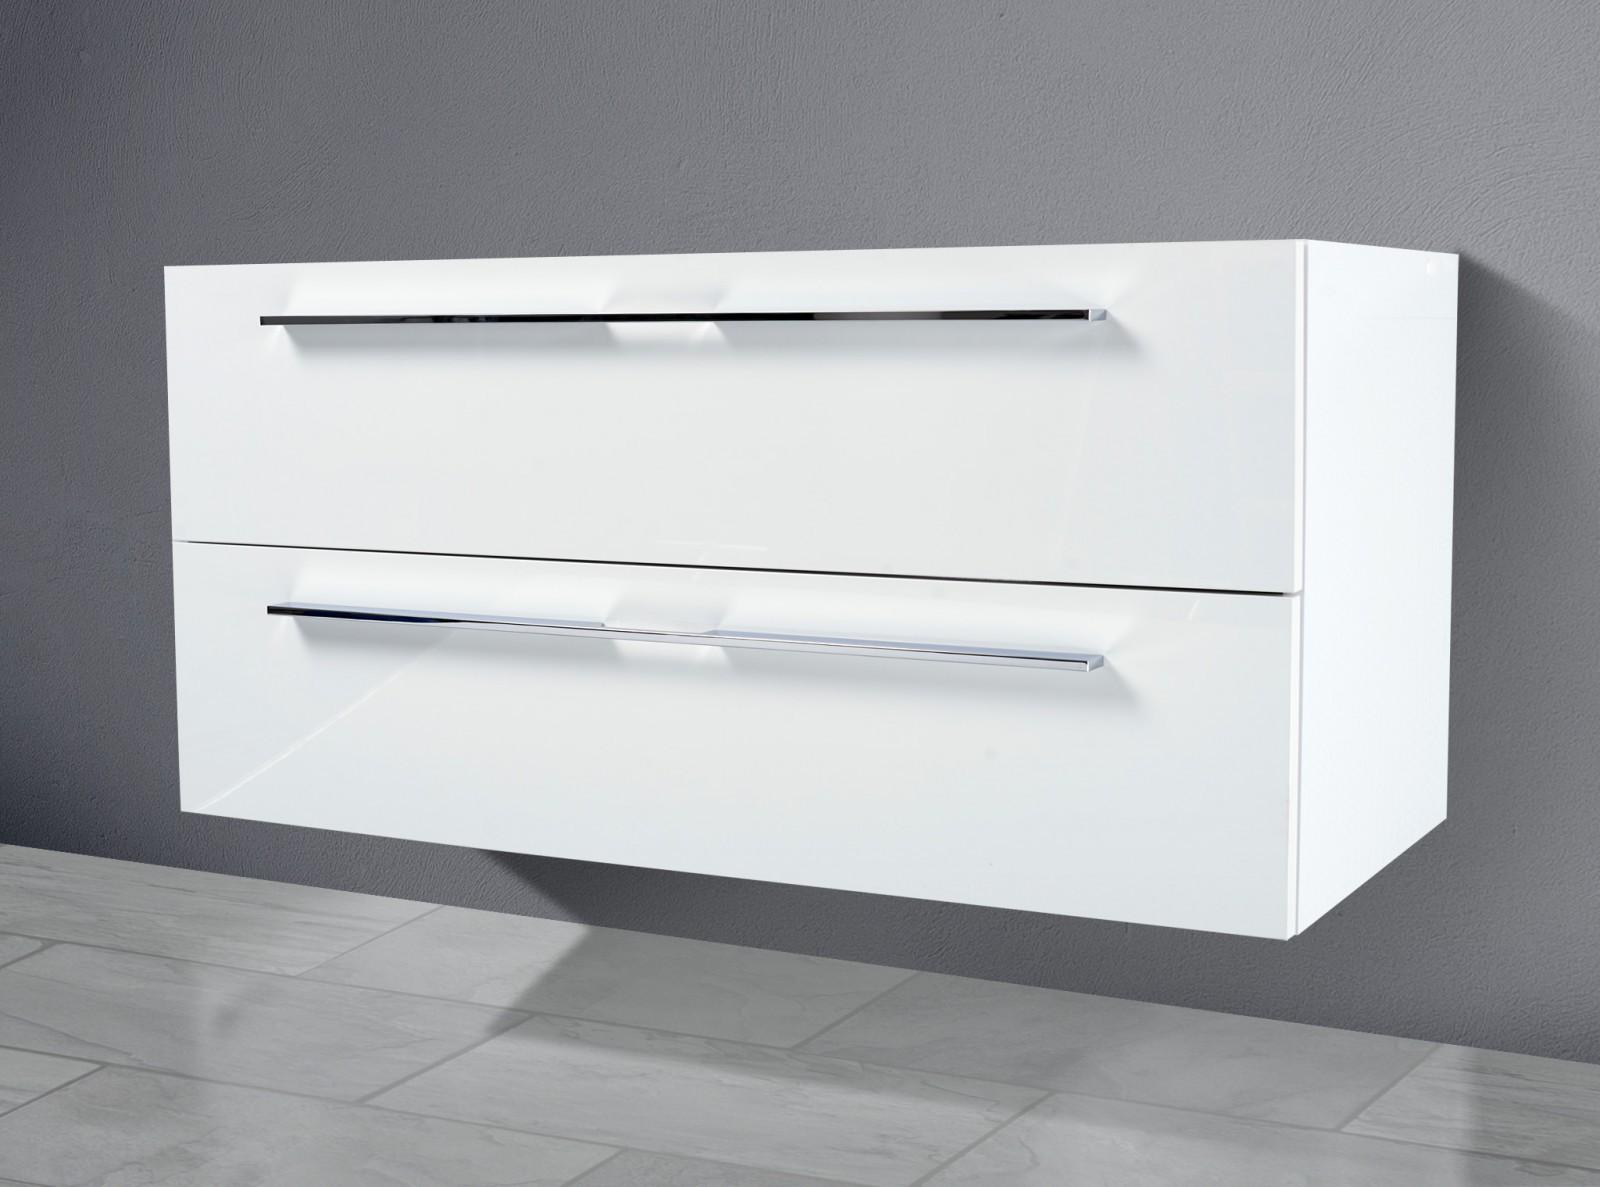 waschtisch unterschrank zu duravit d code waschtisch 85 cm. Black Bedroom Furniture Sets. Home Design Ideas